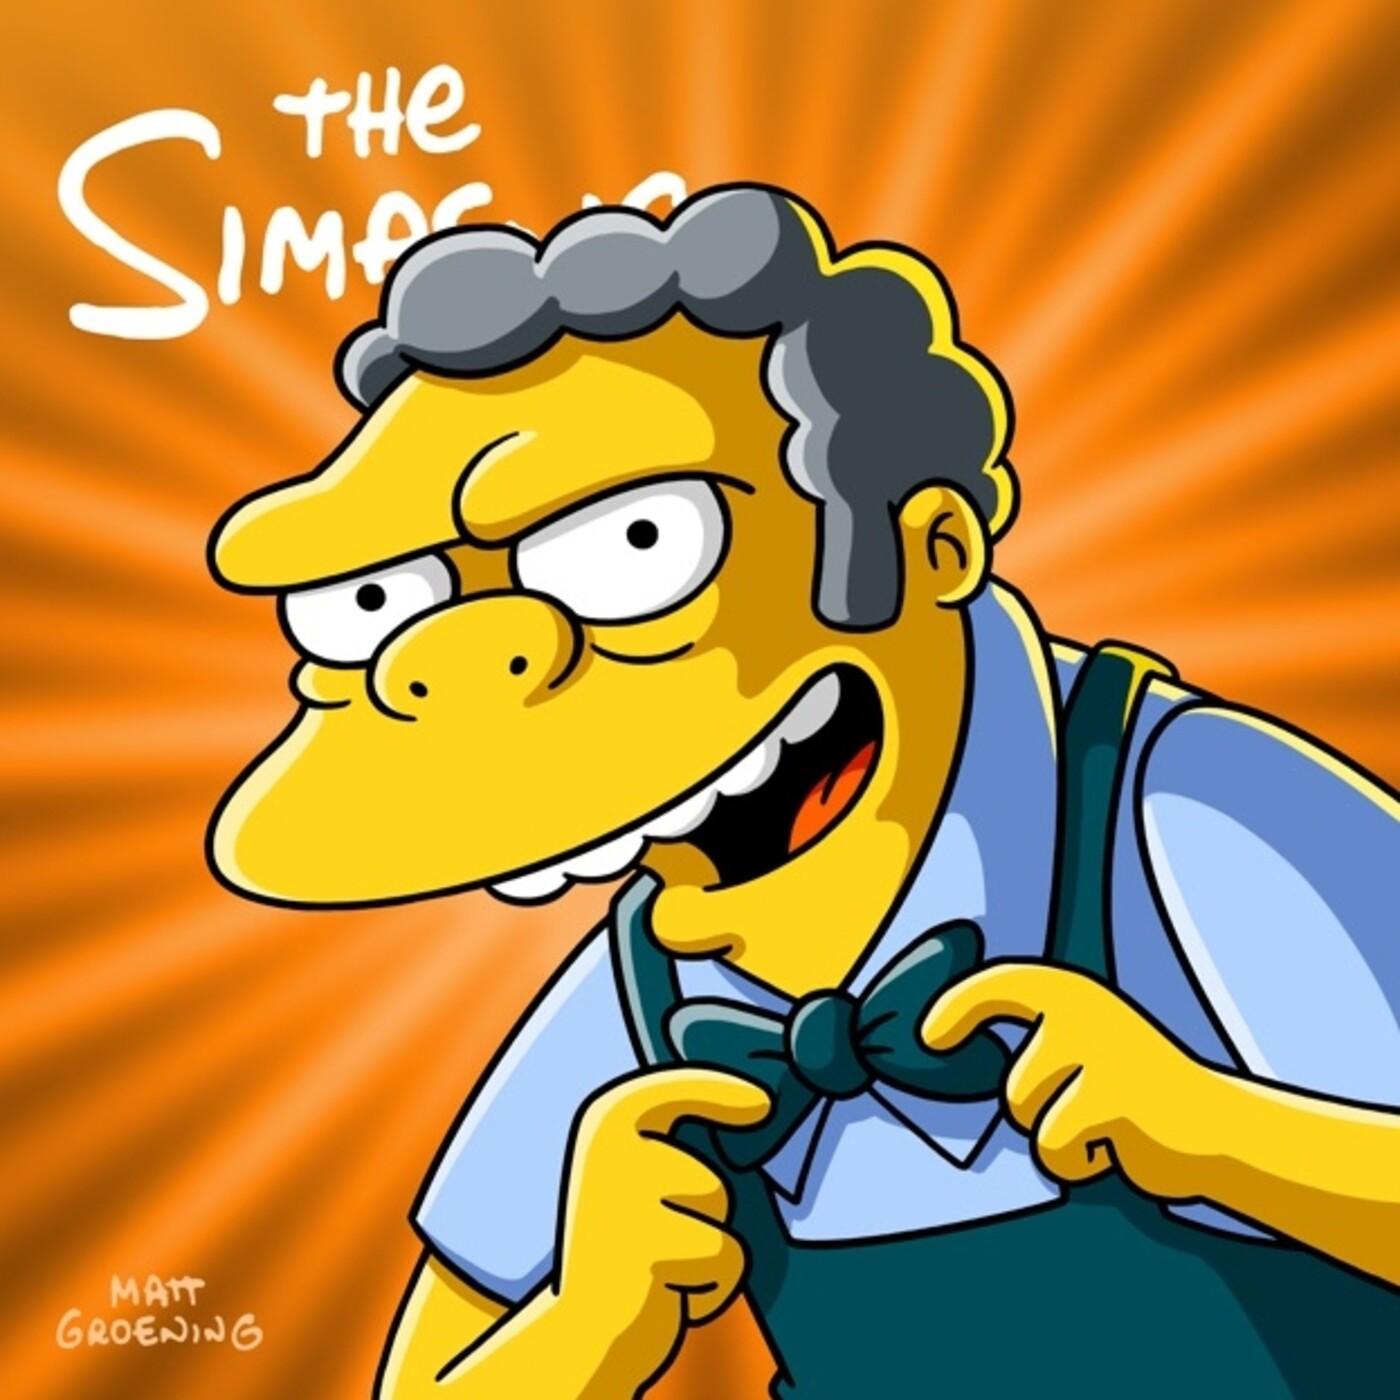 Los Simpson T 20 ep. 1, 2 (2009) #Animación #Comedia #Familia #peliculas #audesc #podcast